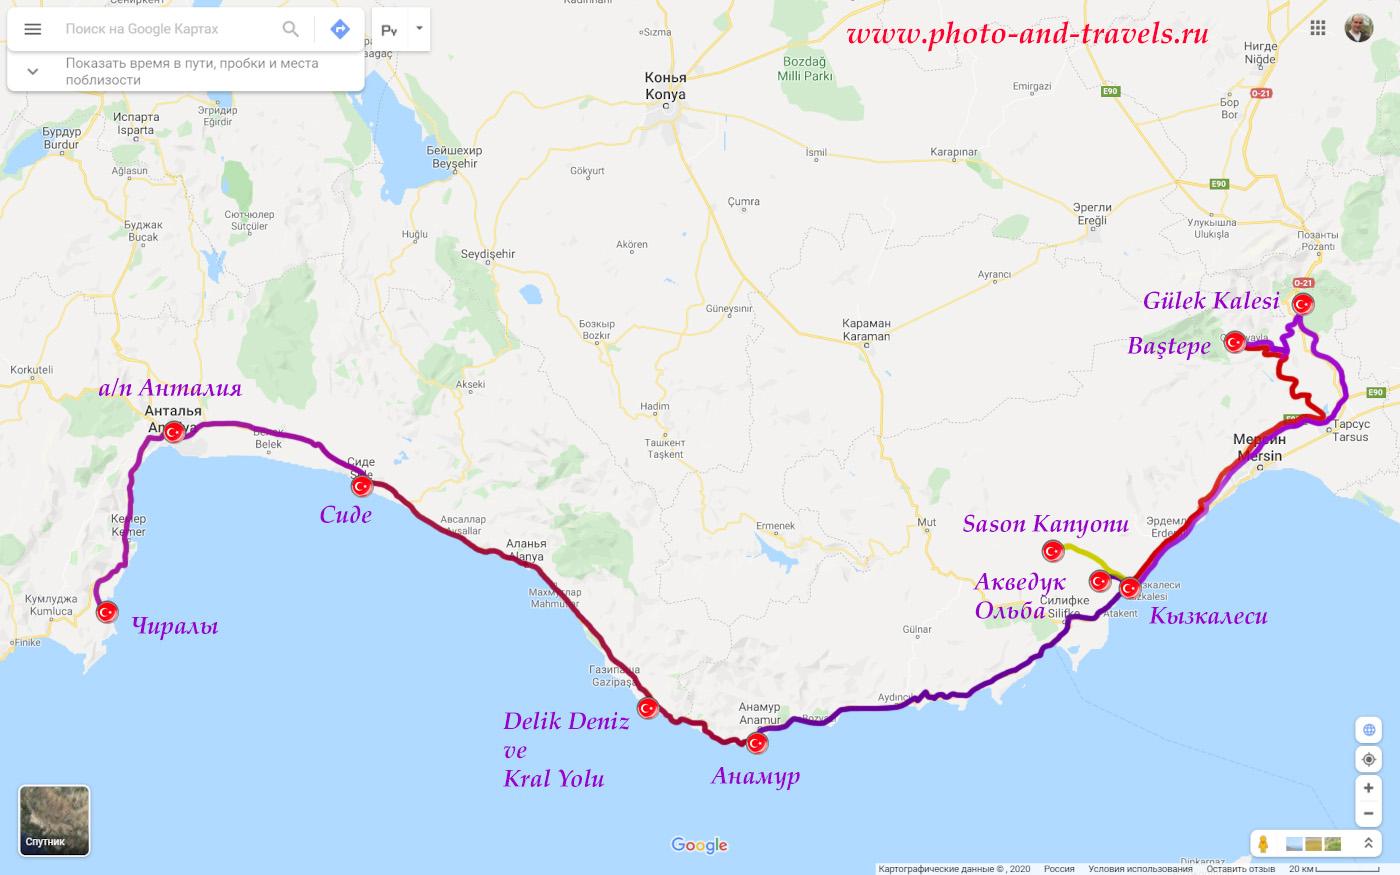 3. Карта маршрута автомобильного путешествия из Анталии. Мы отдыхали в Чиралы, а затем поехали в Сиде, Анамур и Кызкалеси.